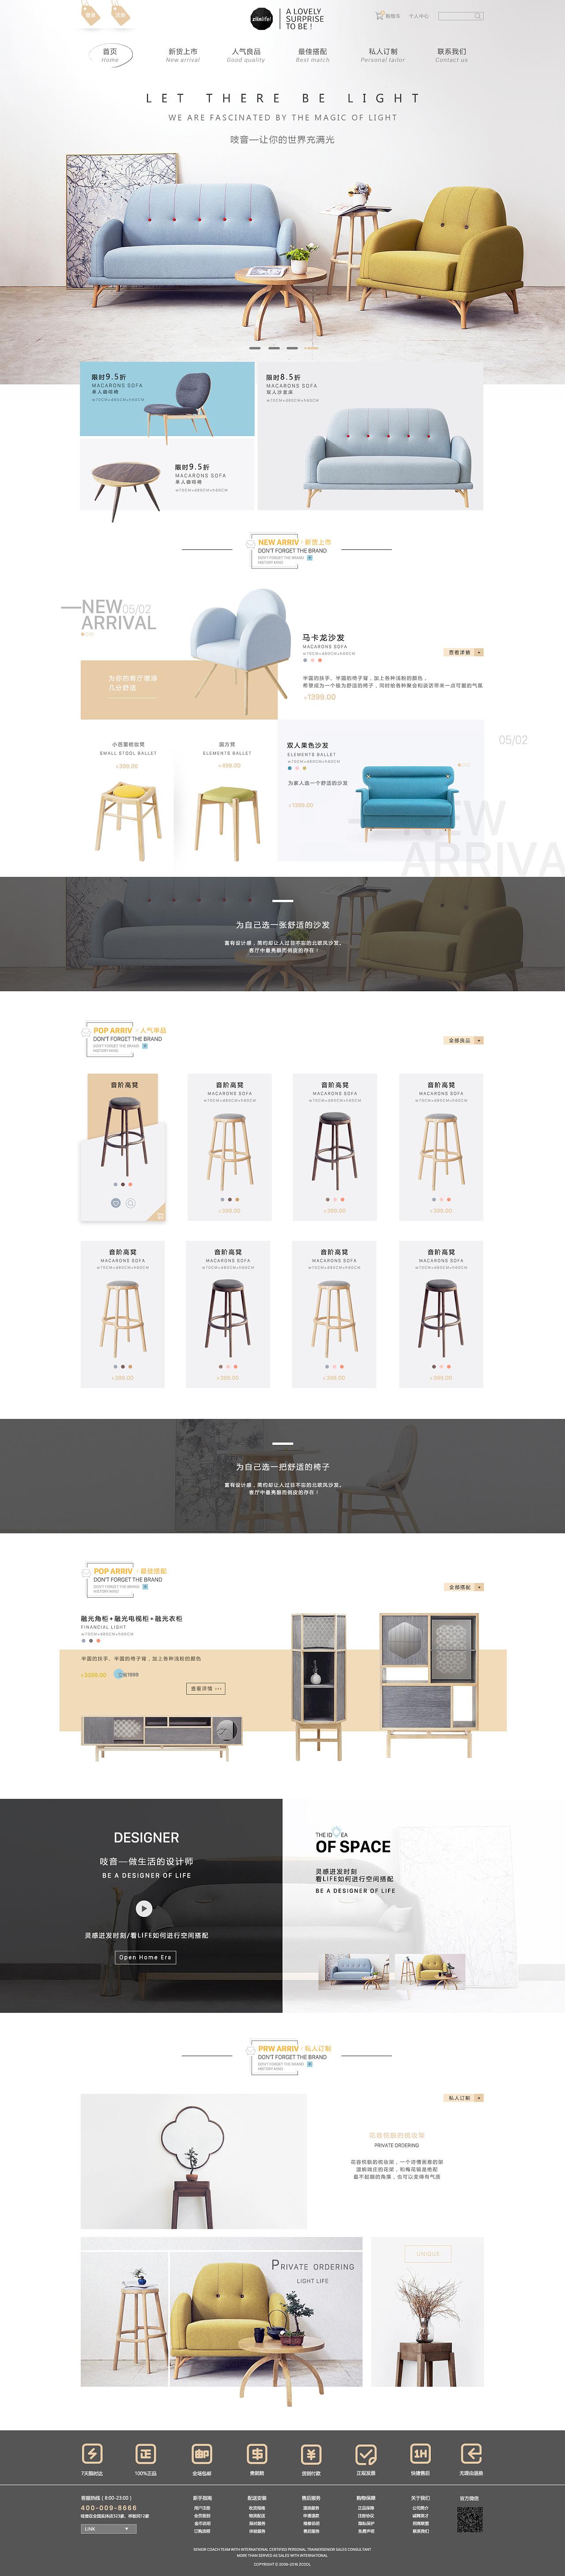 家具类电商网站|网页|电商|安于此生1005 - 原创作品